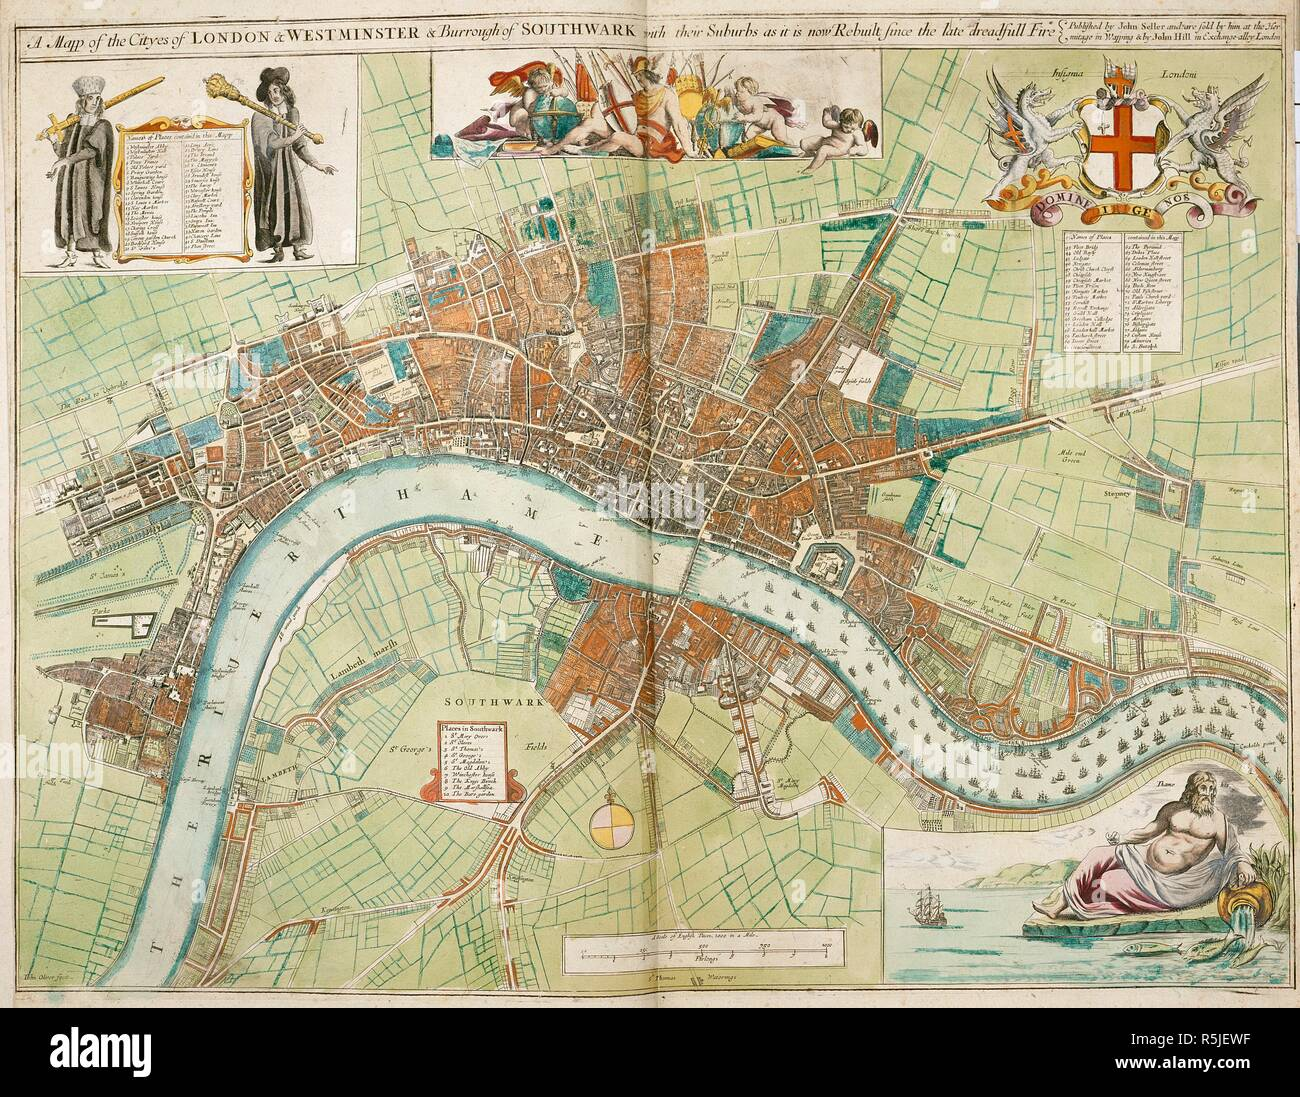 Karte London Stadtteile.Eine Karte Der Stadte London Und Westminster Und Der